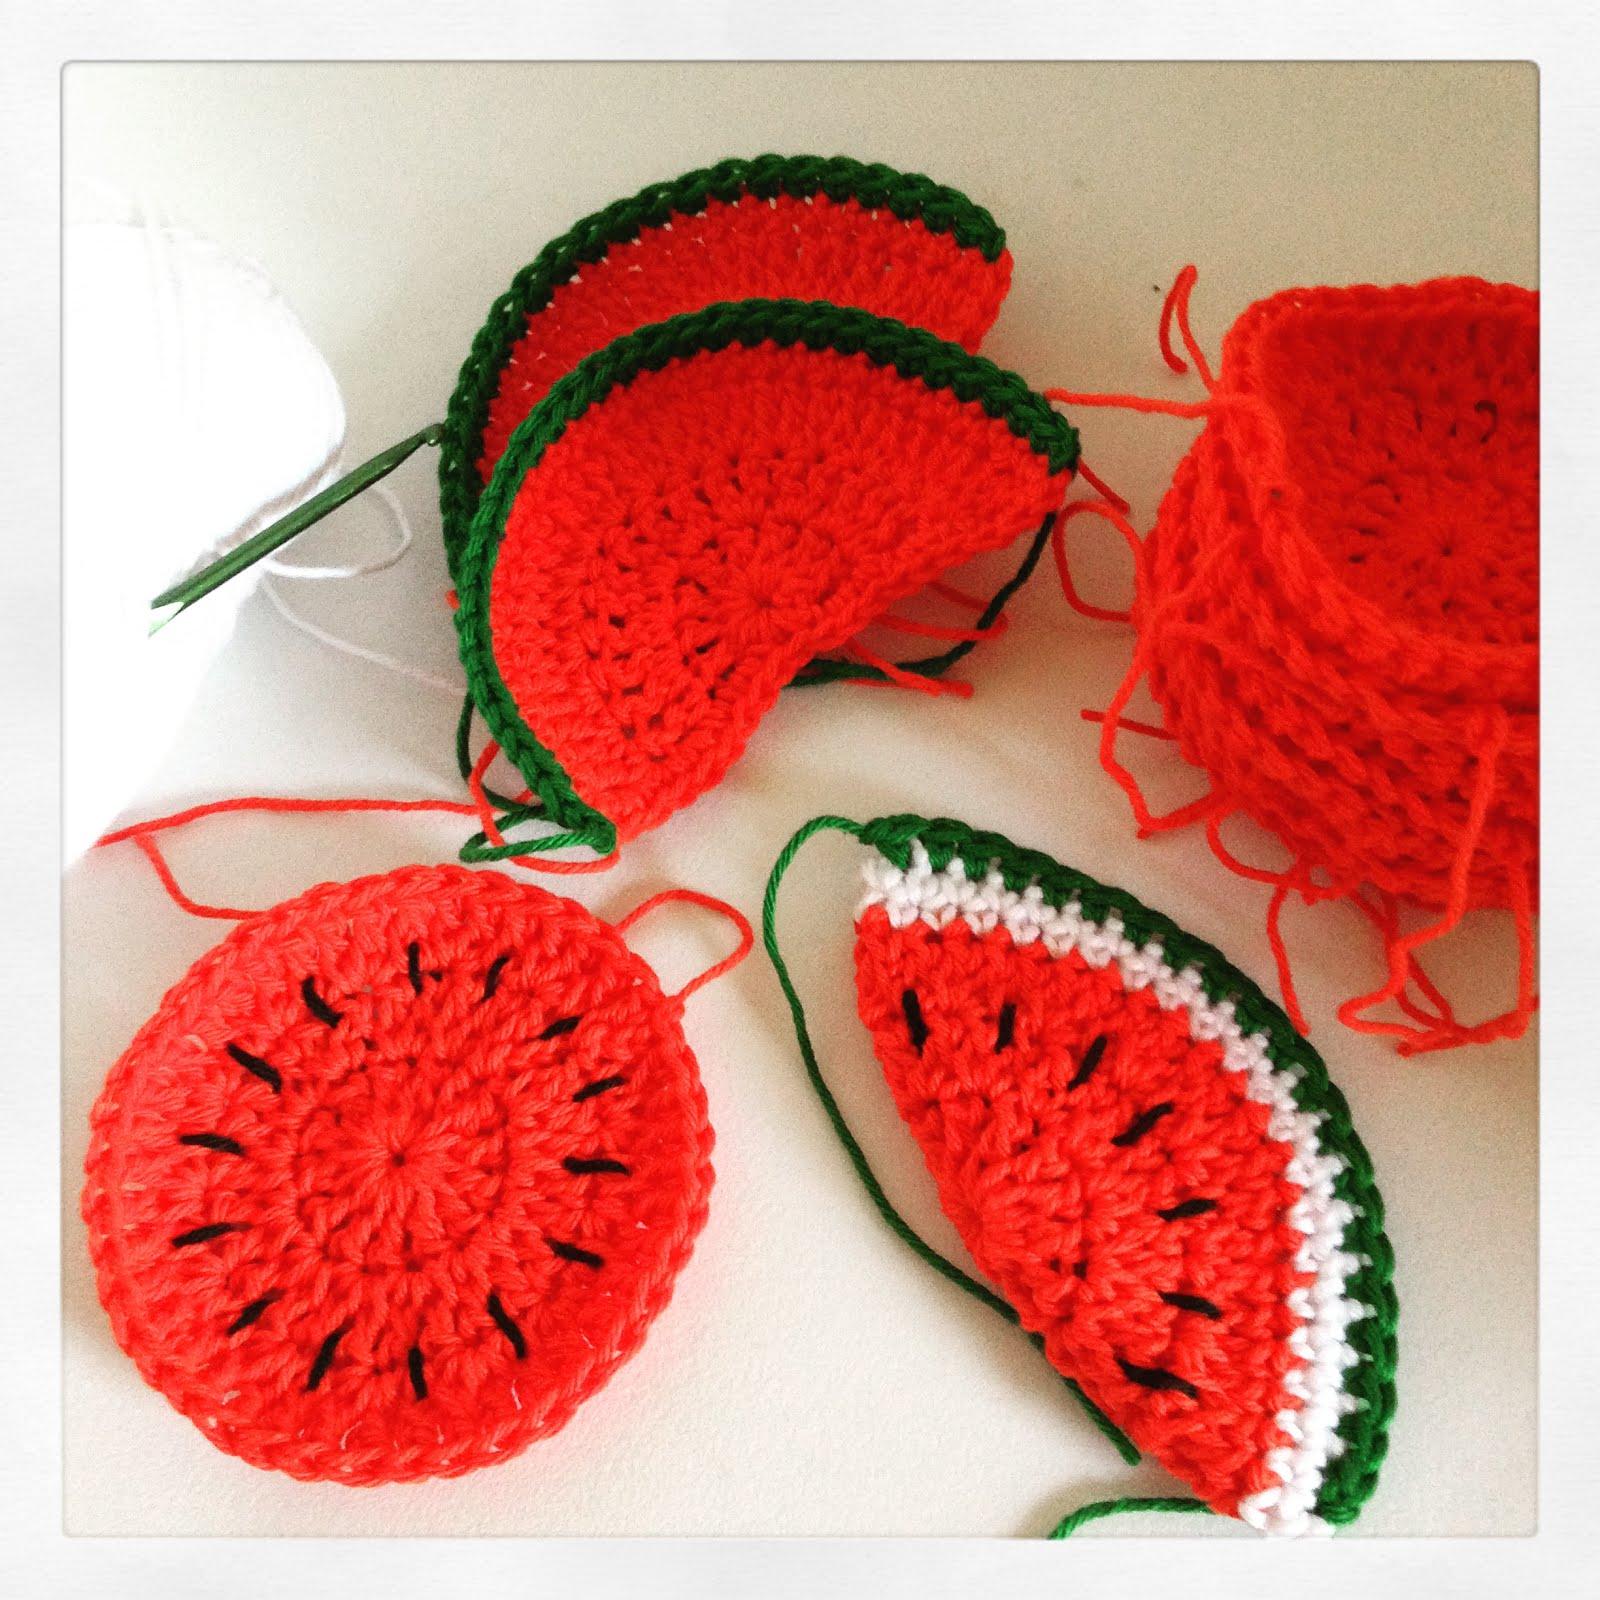 Meloenen Haken Crochet Melons Bees And Appletrees Bloglovin